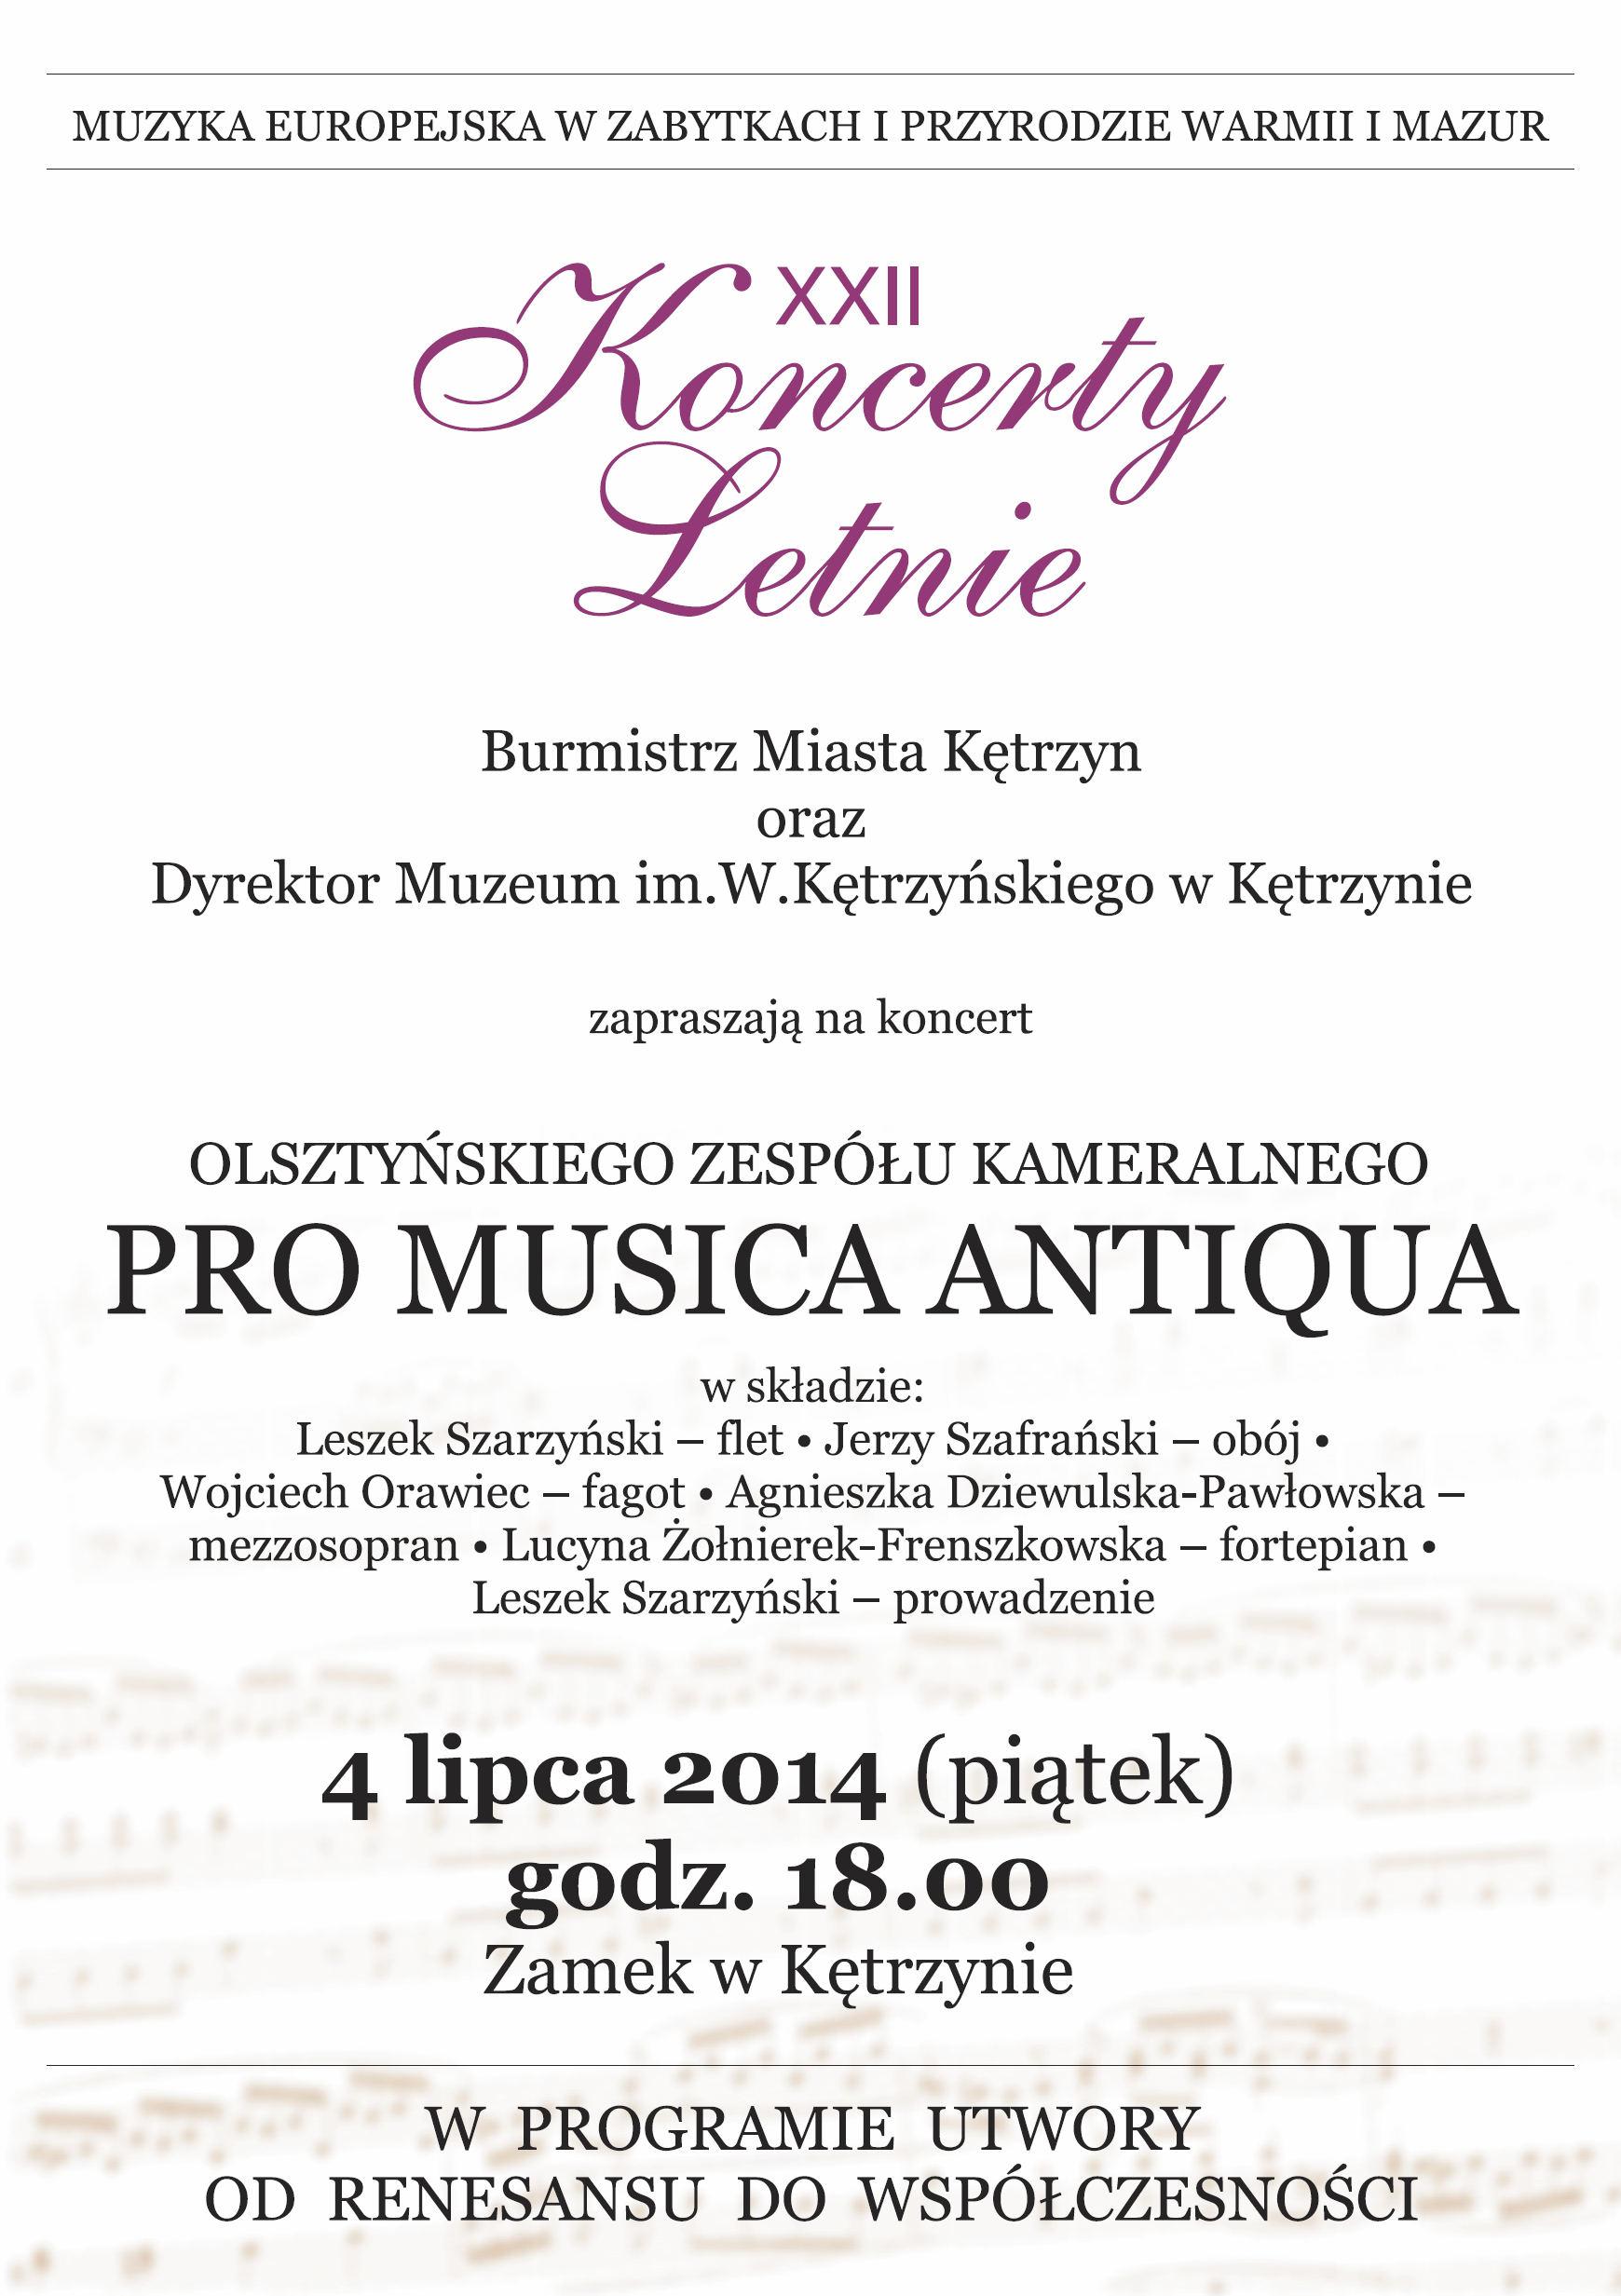 Plakat PRO MUSICA ANTIQUA